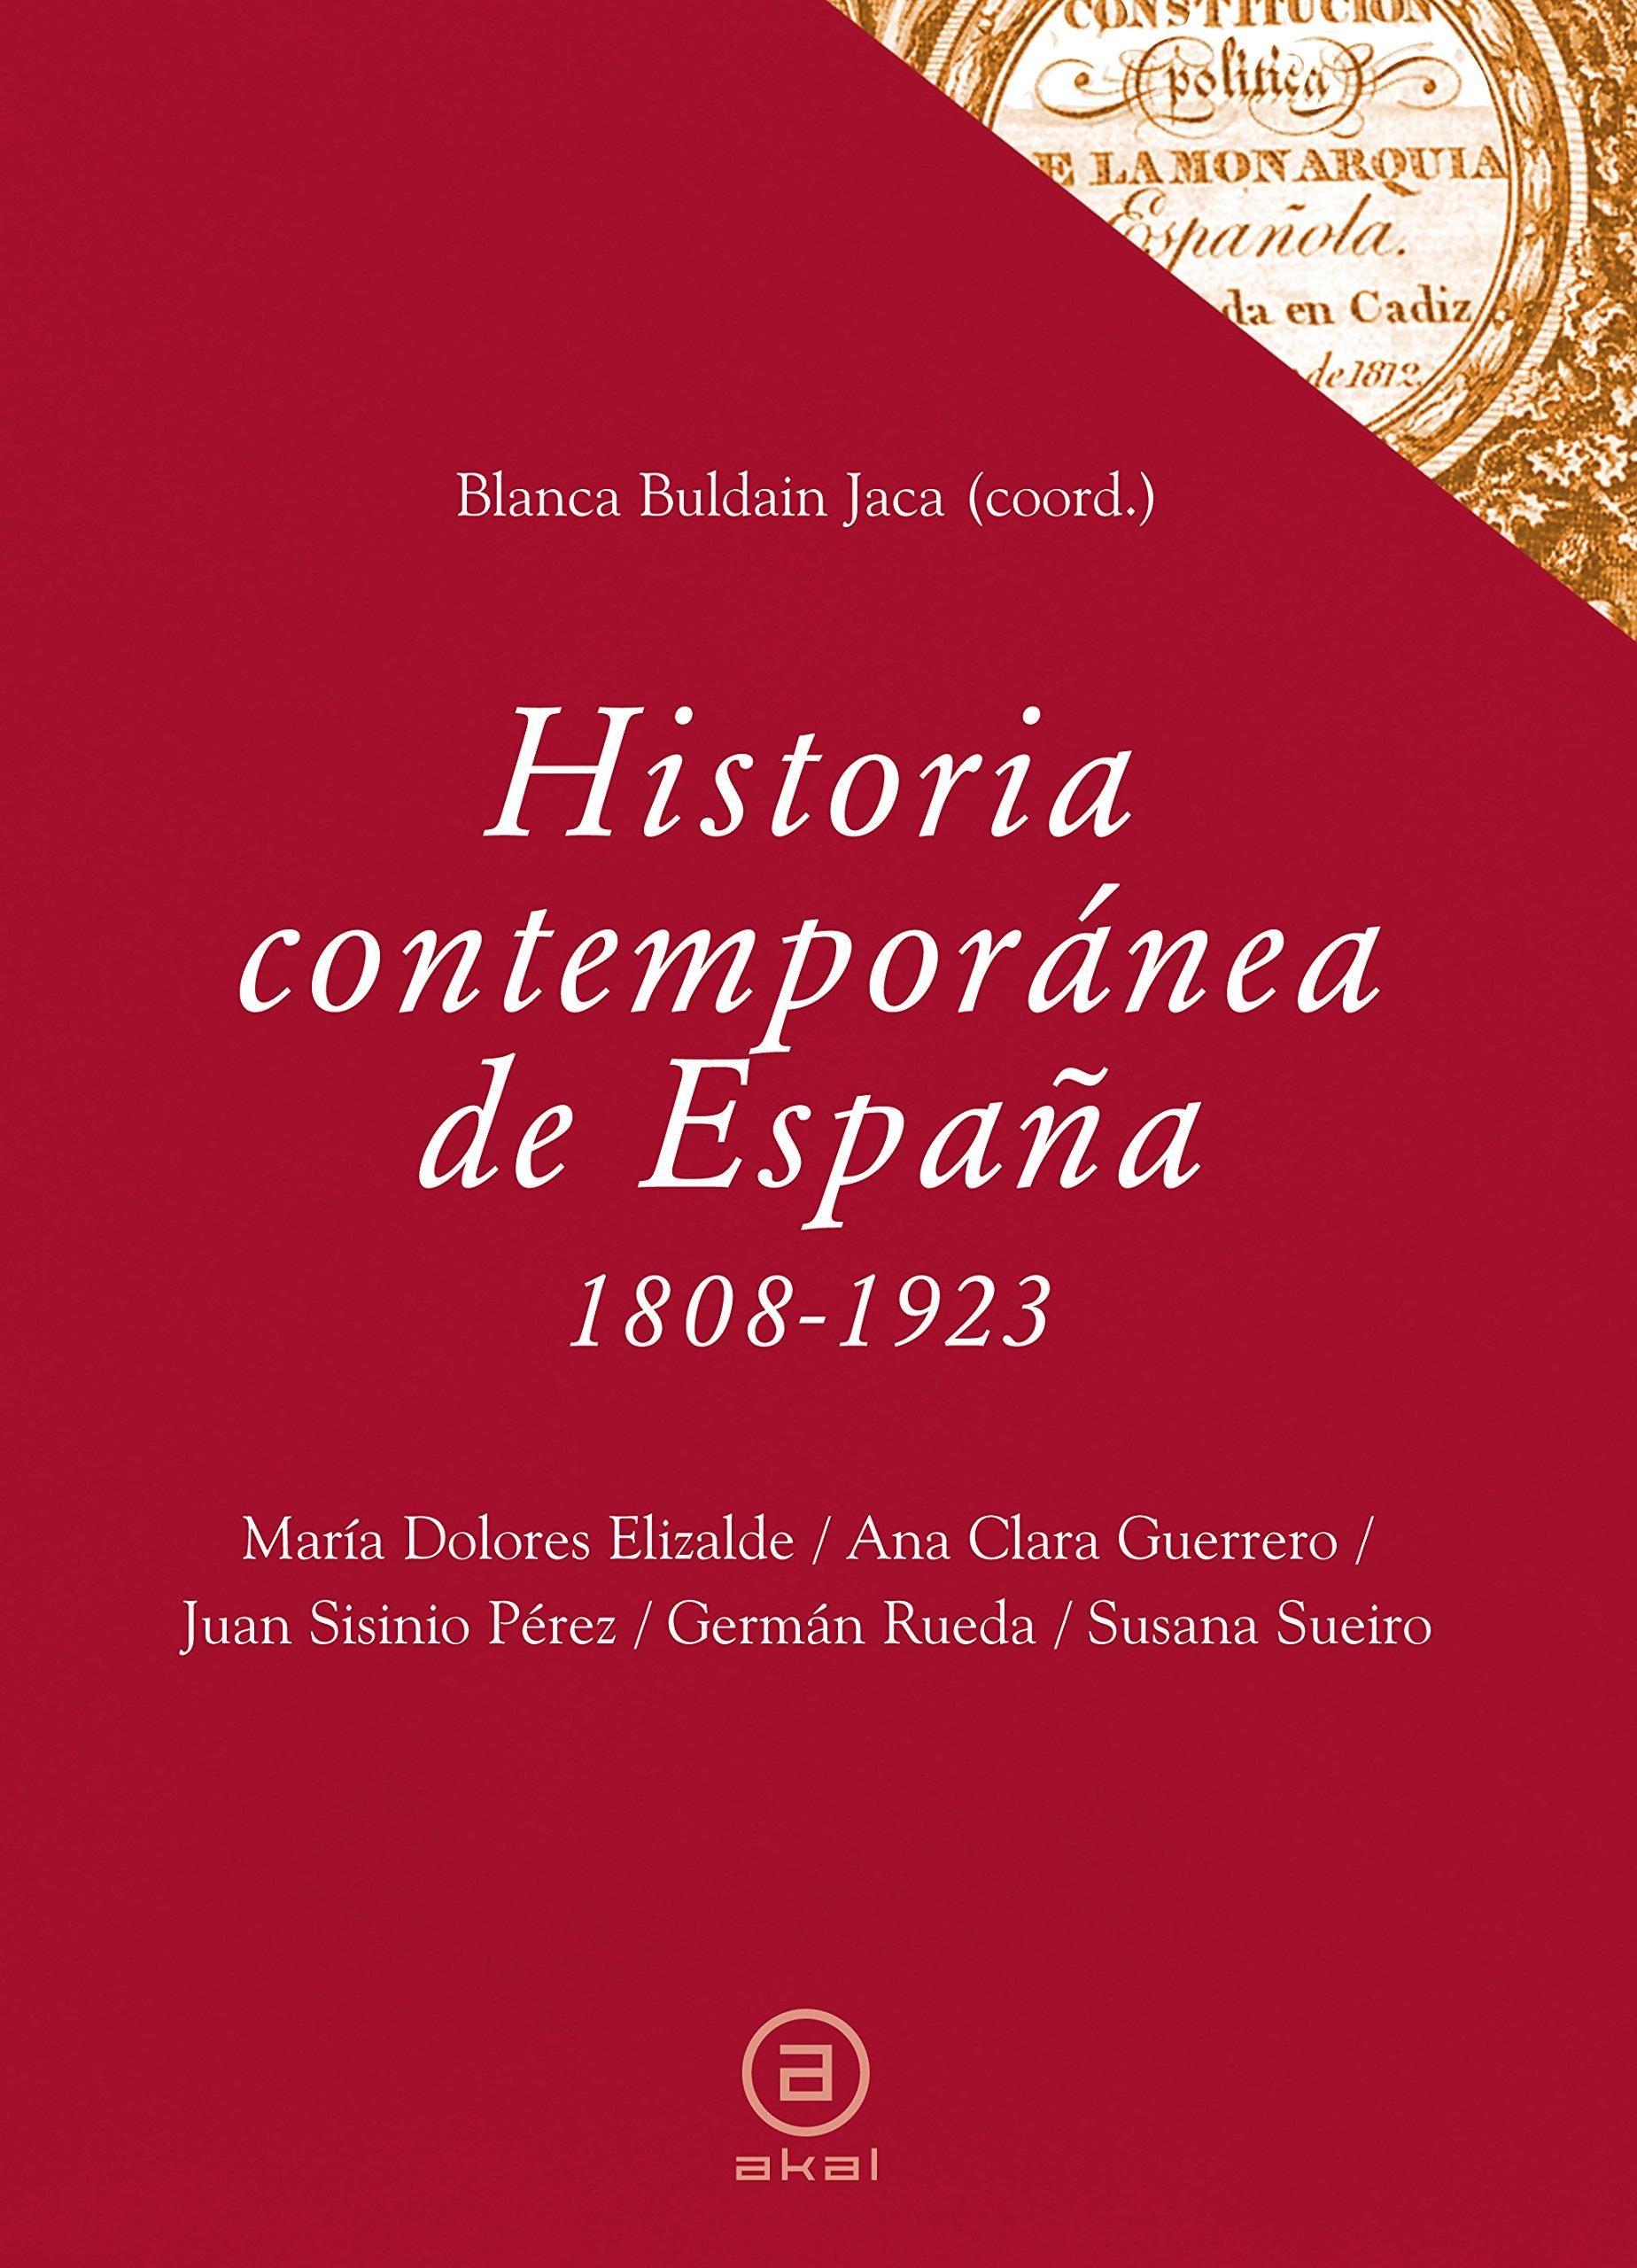 Historia contemporánea de España 1808-1923 : 34 Textos: Amazon.es: Perez Garzon, Juan Sisinio, [et Al.]: Libros